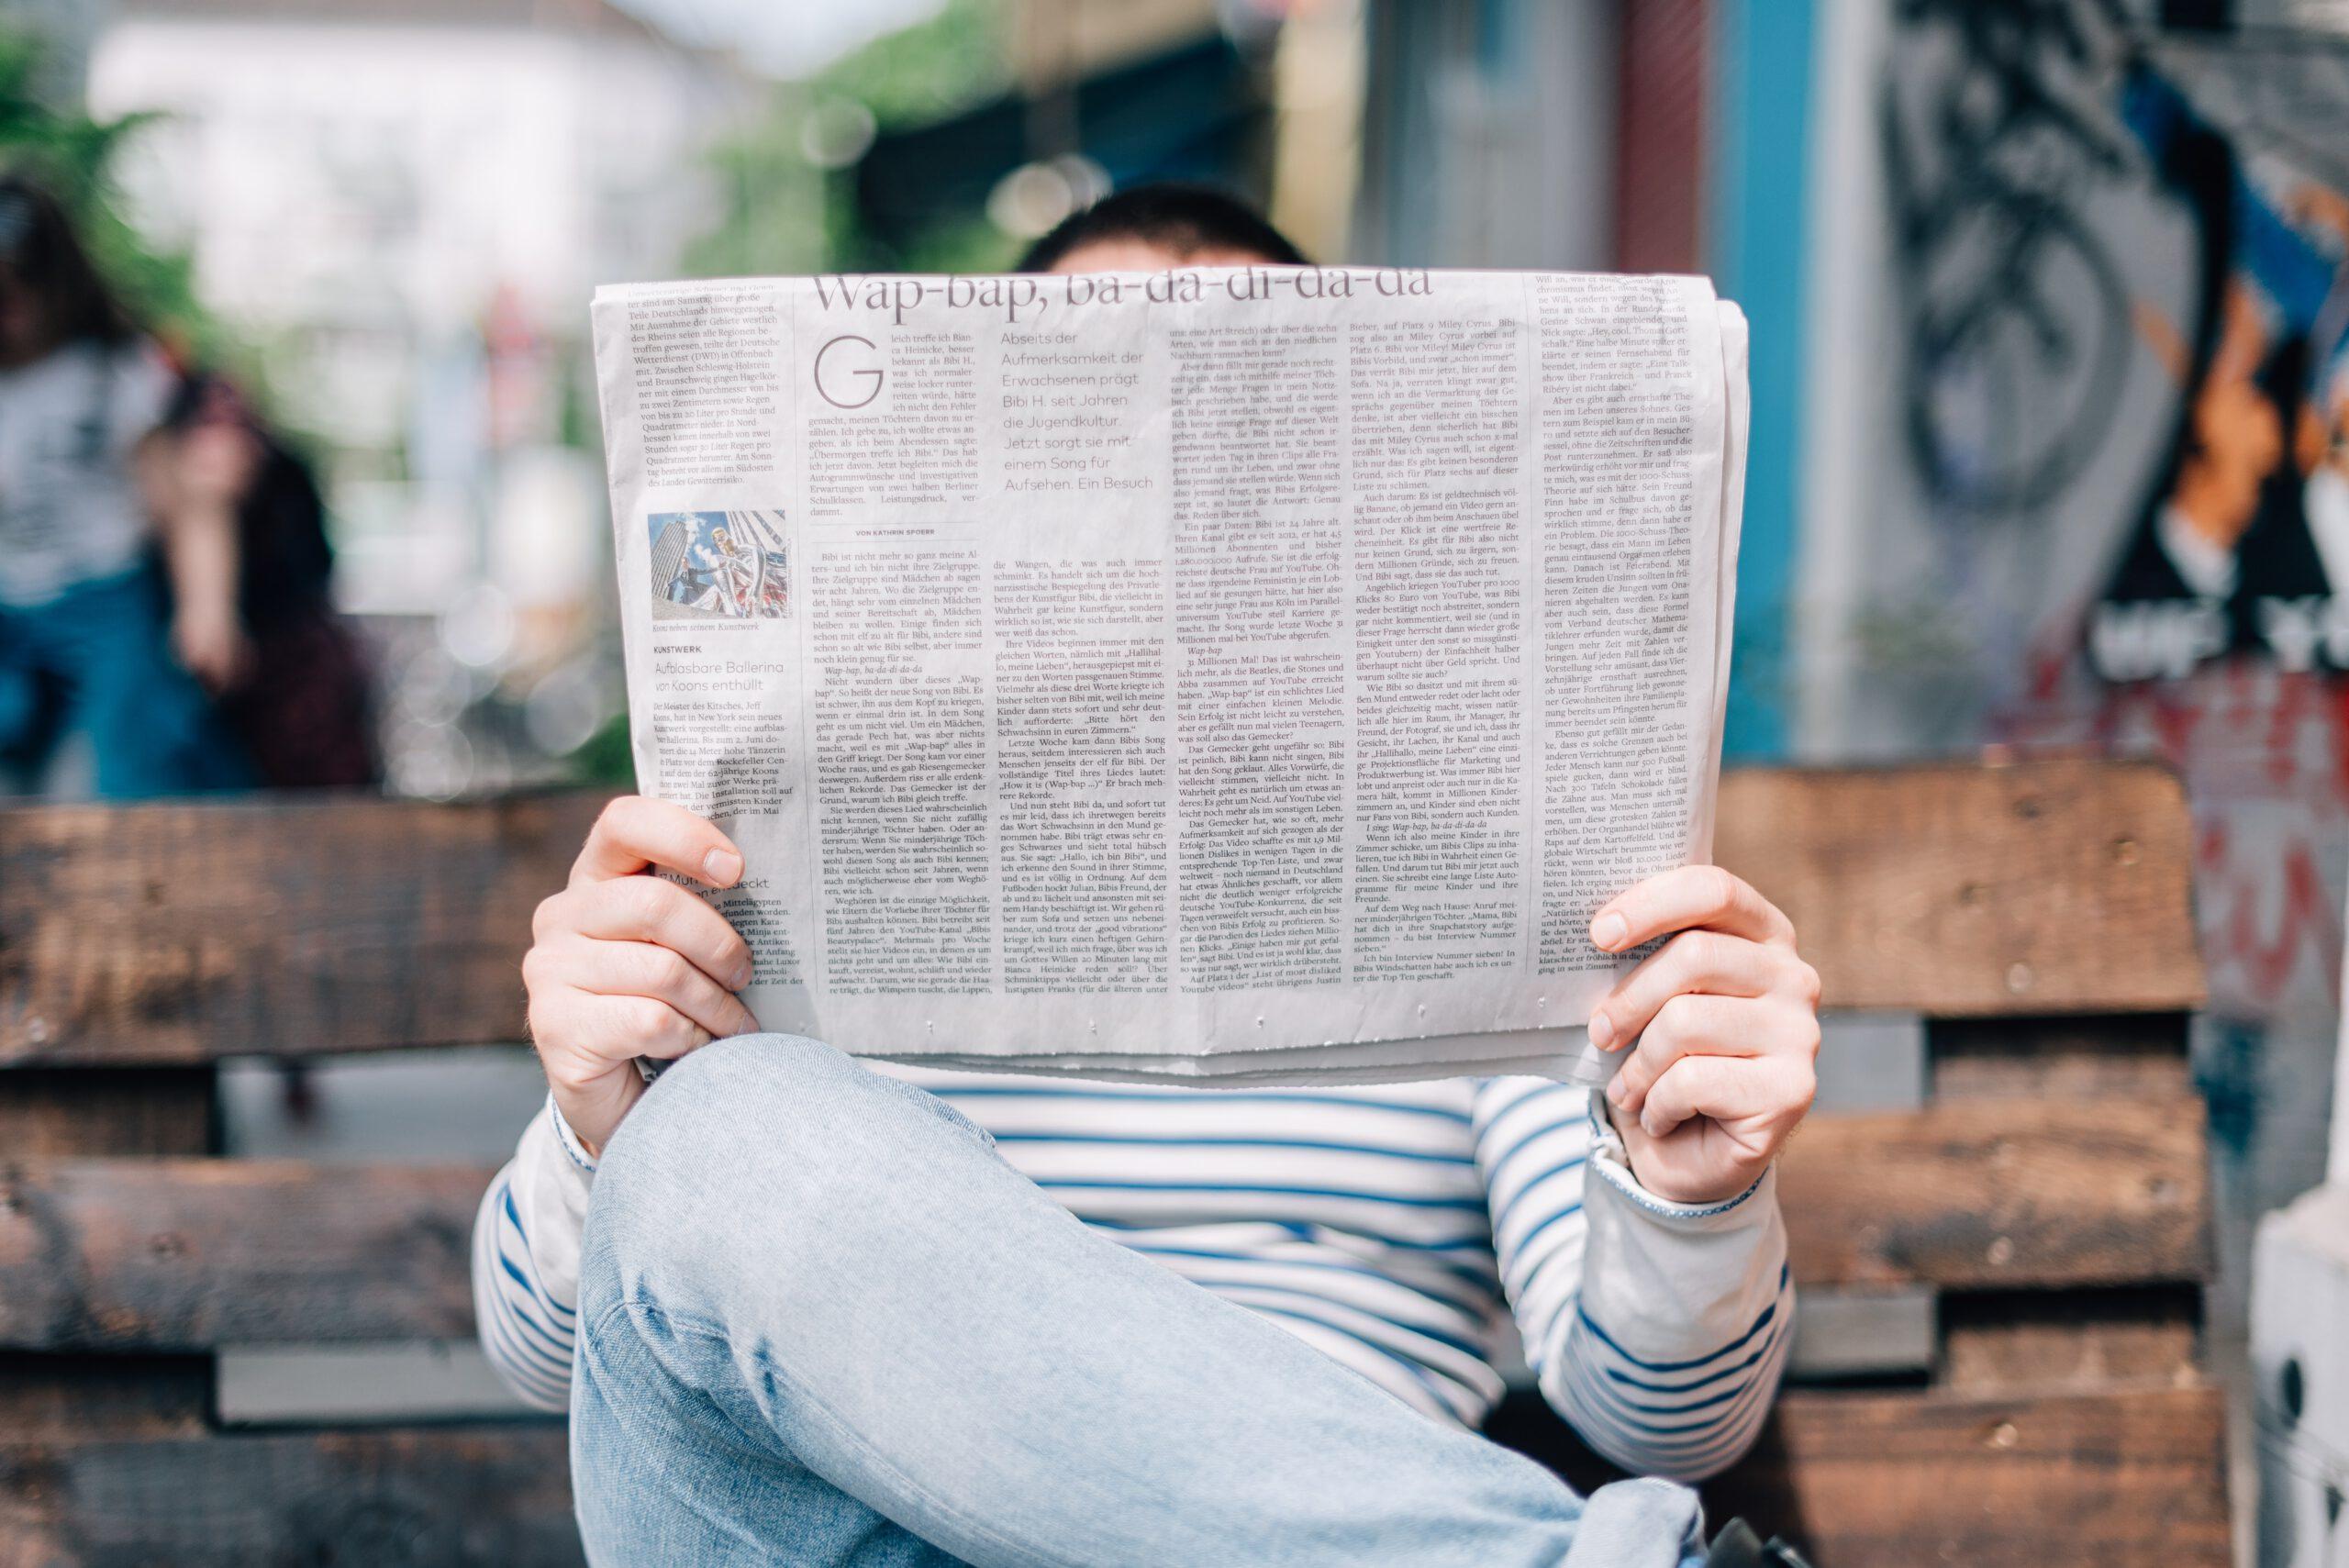 Wie kommen eigentlich die Nachrichten in die Medien?